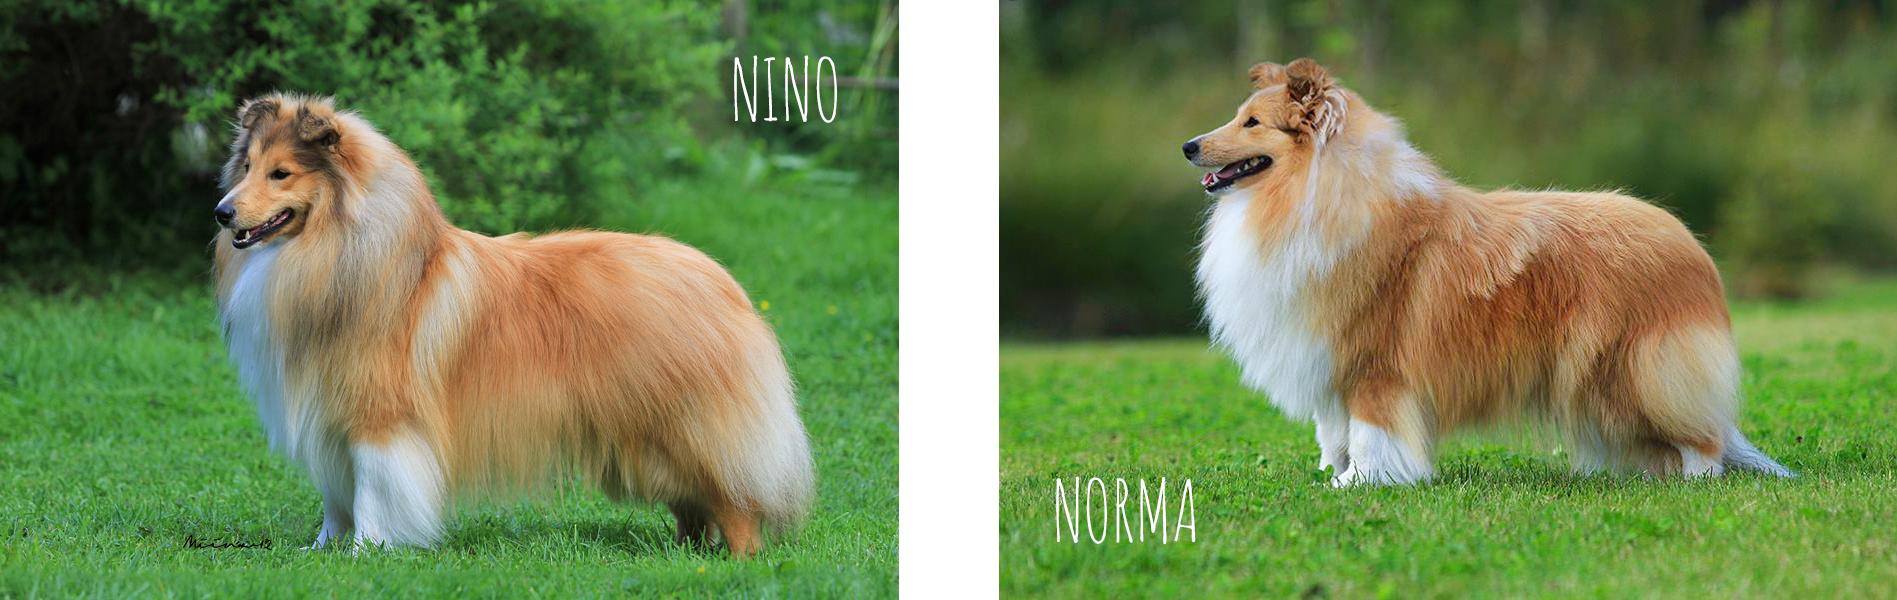 nino_norma